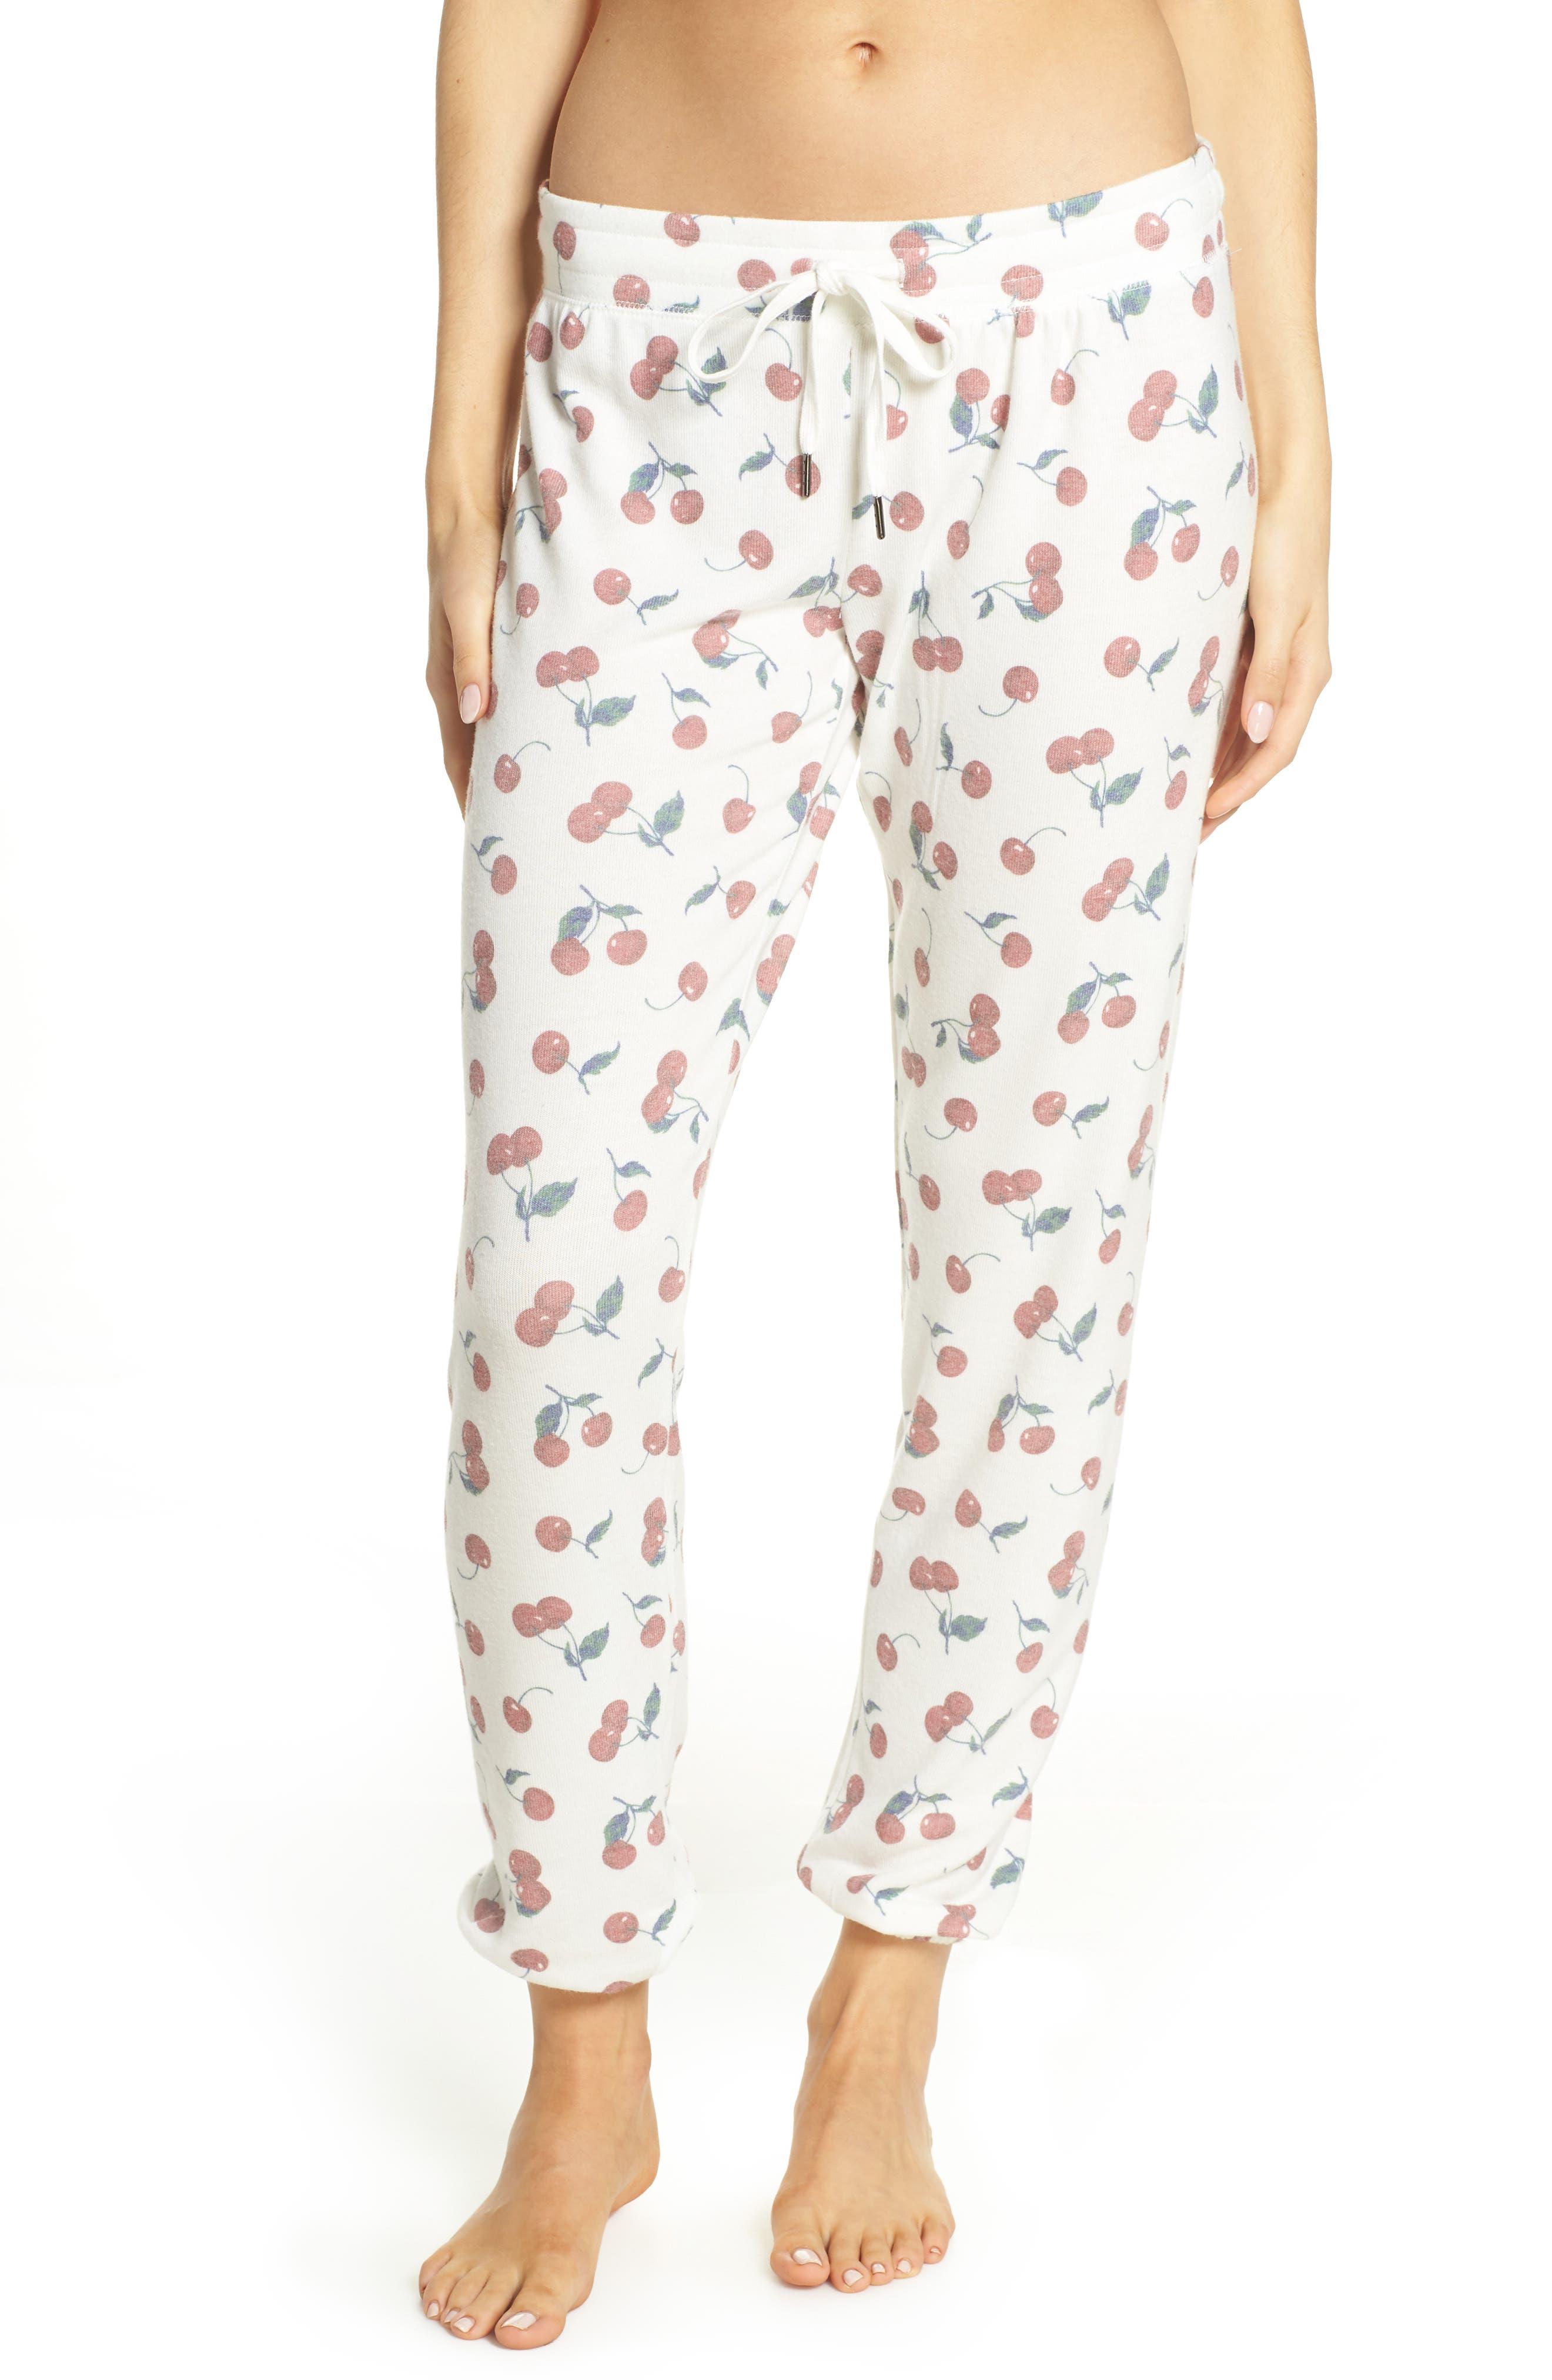 Pj Salvage Mon Cheri Pajama Pants, Ivory